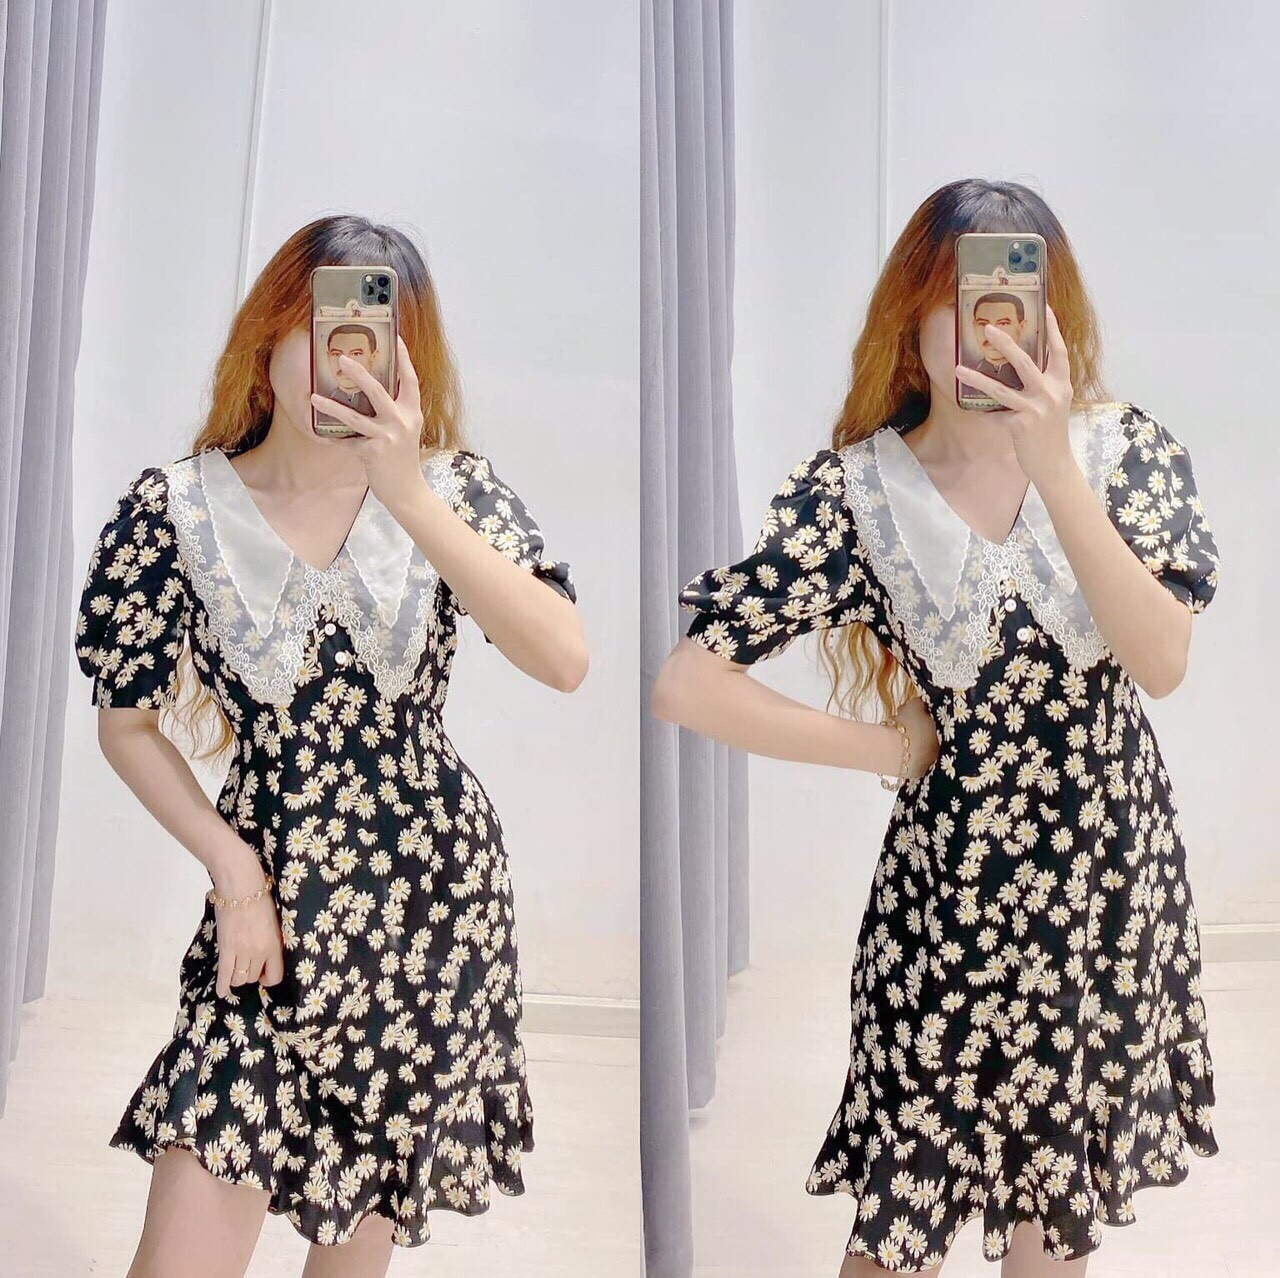 Mê váy hoa cúc hàng hiệu của Rosé thì đây là những mẫu na ná siêu rẻ chỉ từ 65k cho bạn - Ảnh 6.